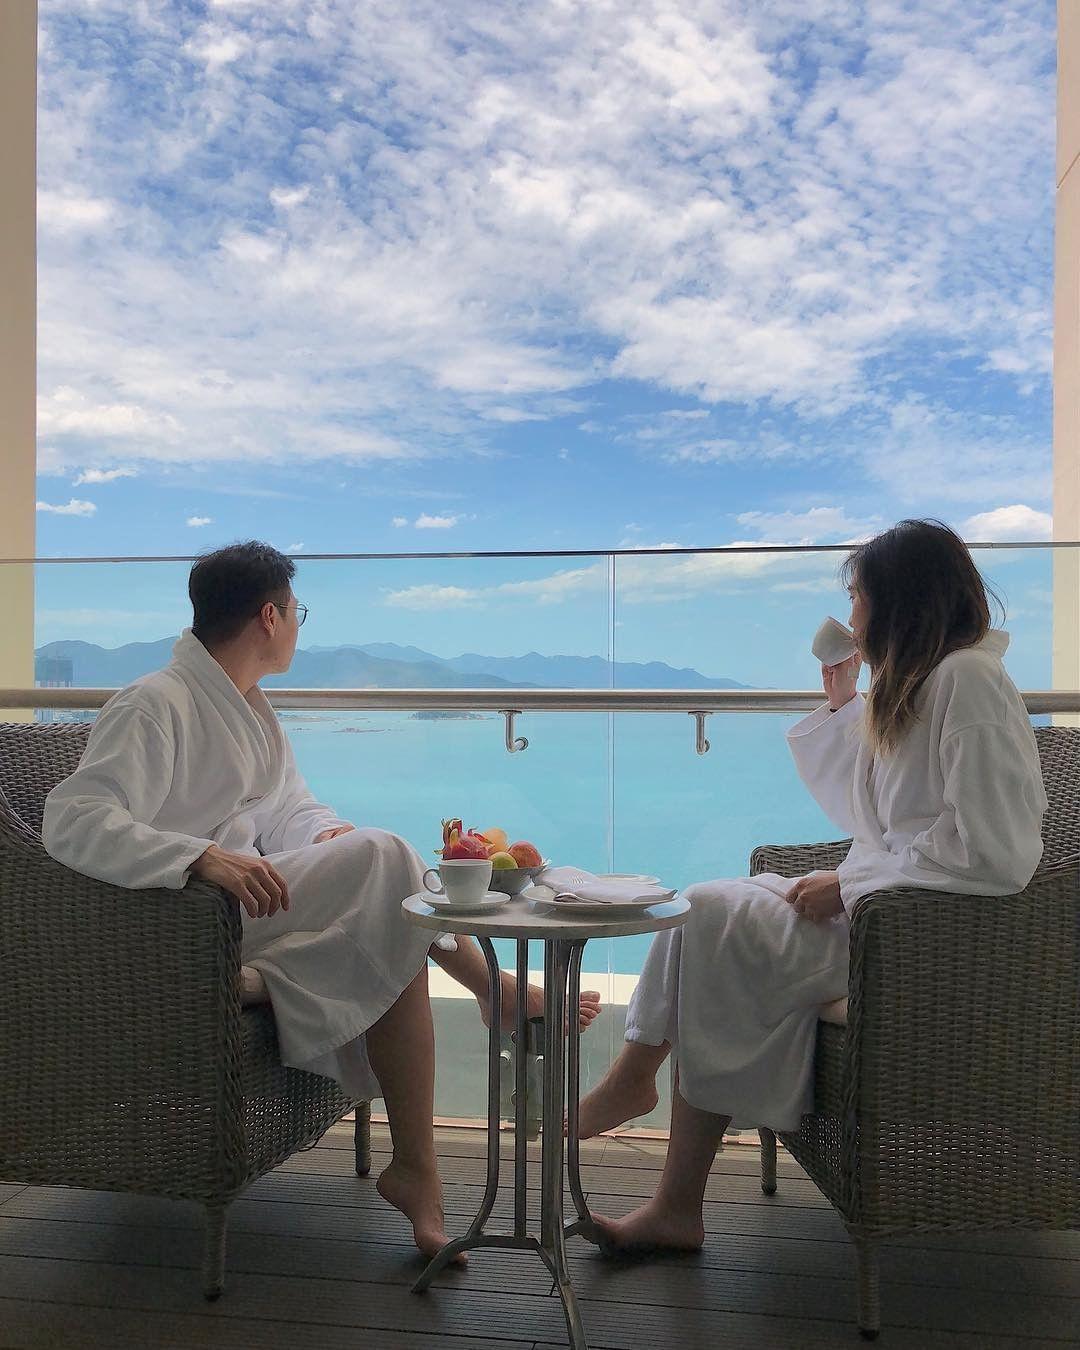 kinh nghiệm chọn khách sạn giá rẻ ở nha trang 6